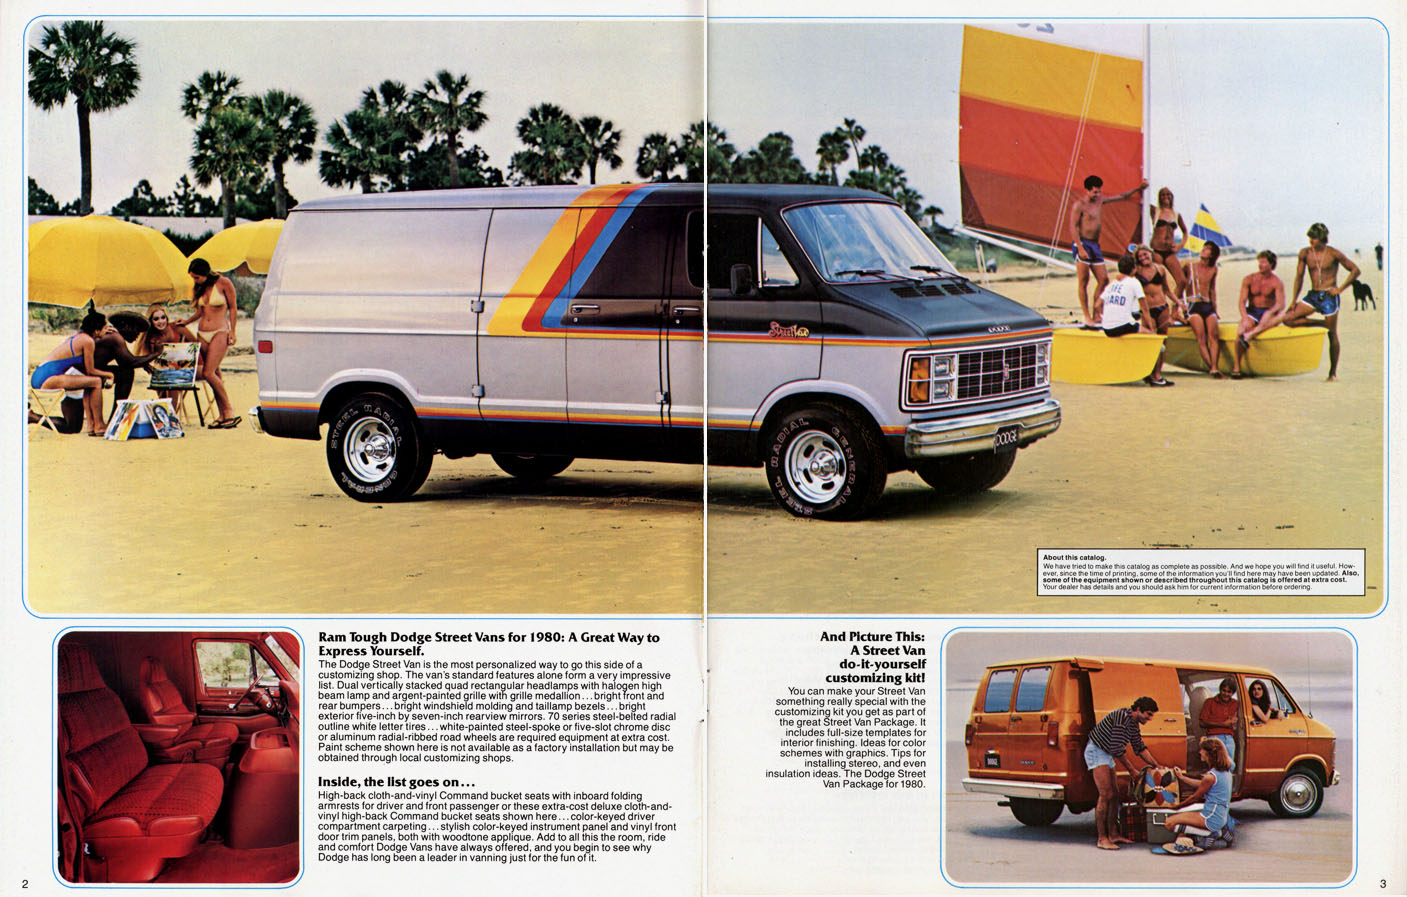 1980 dodge vans 02 03